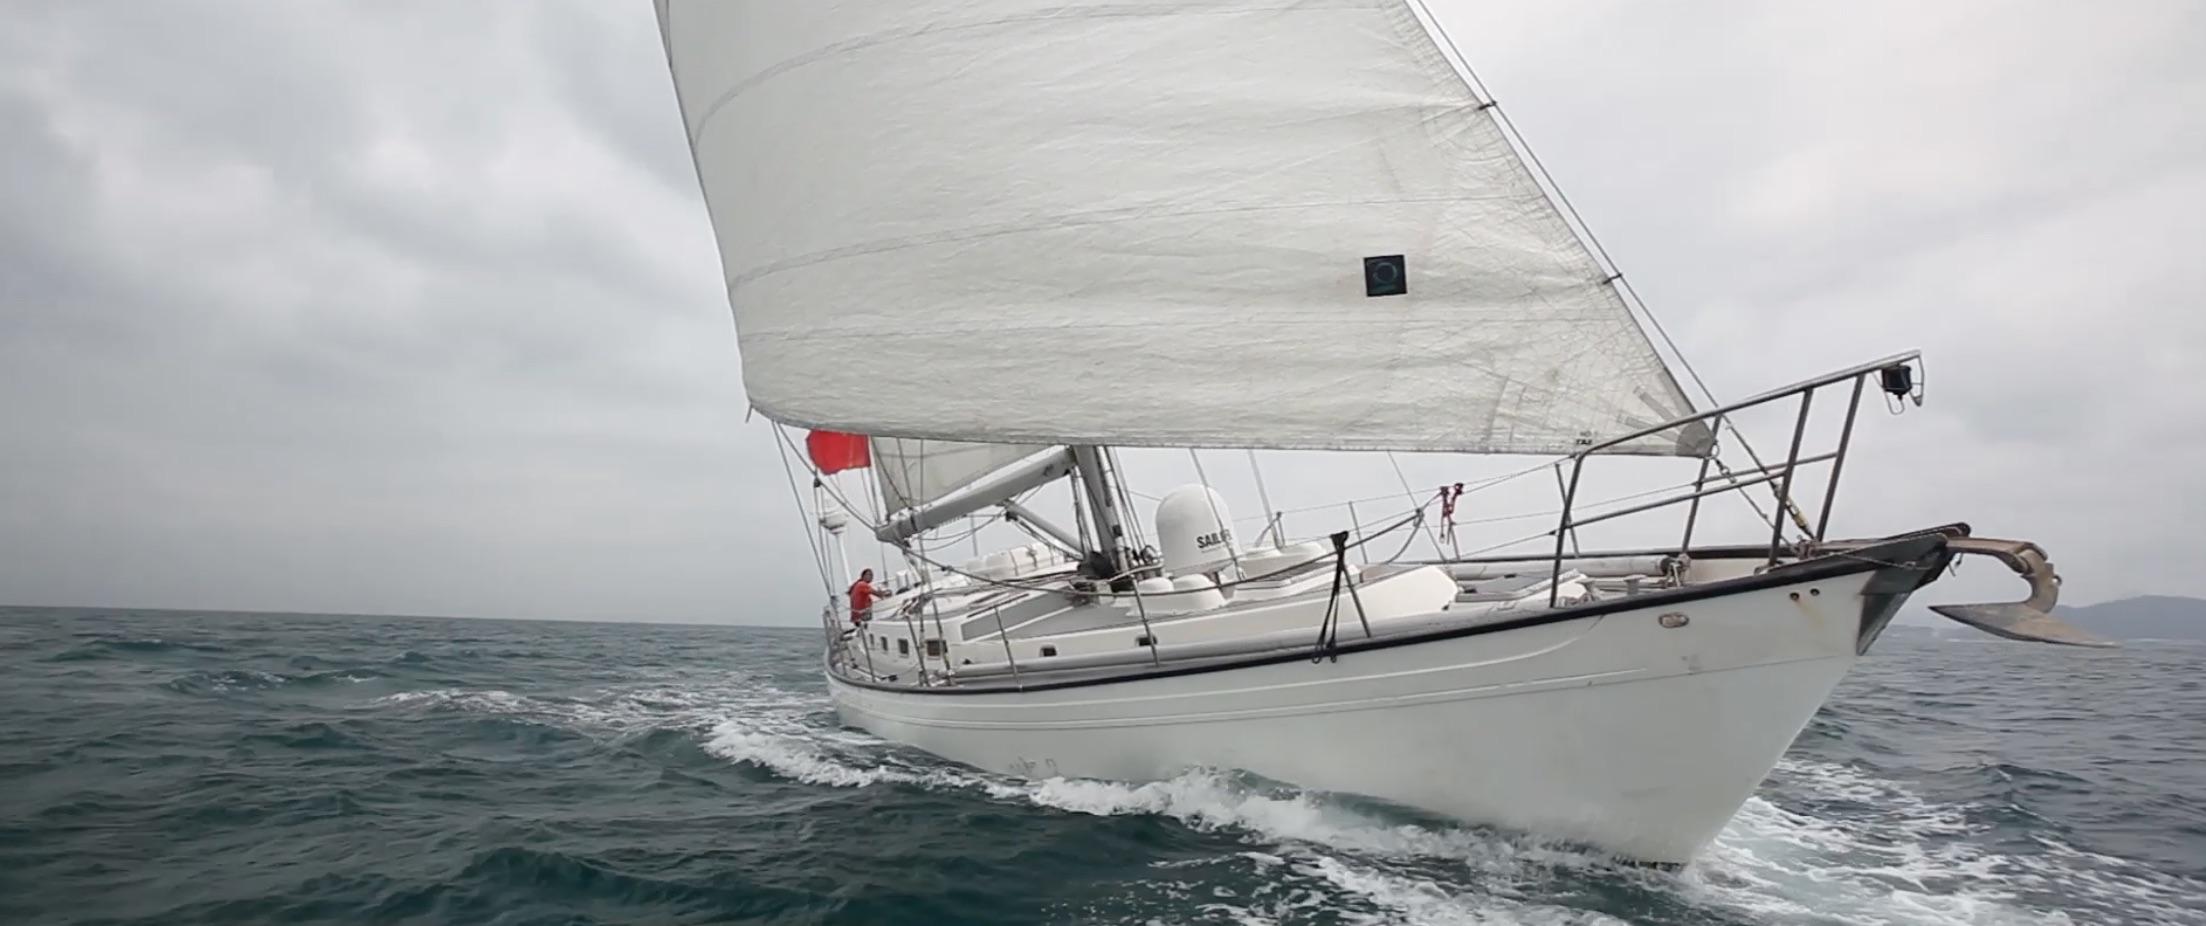 [视频直播]聚焦太平洋杯国际帆船赛启动仪式 屏幕快照